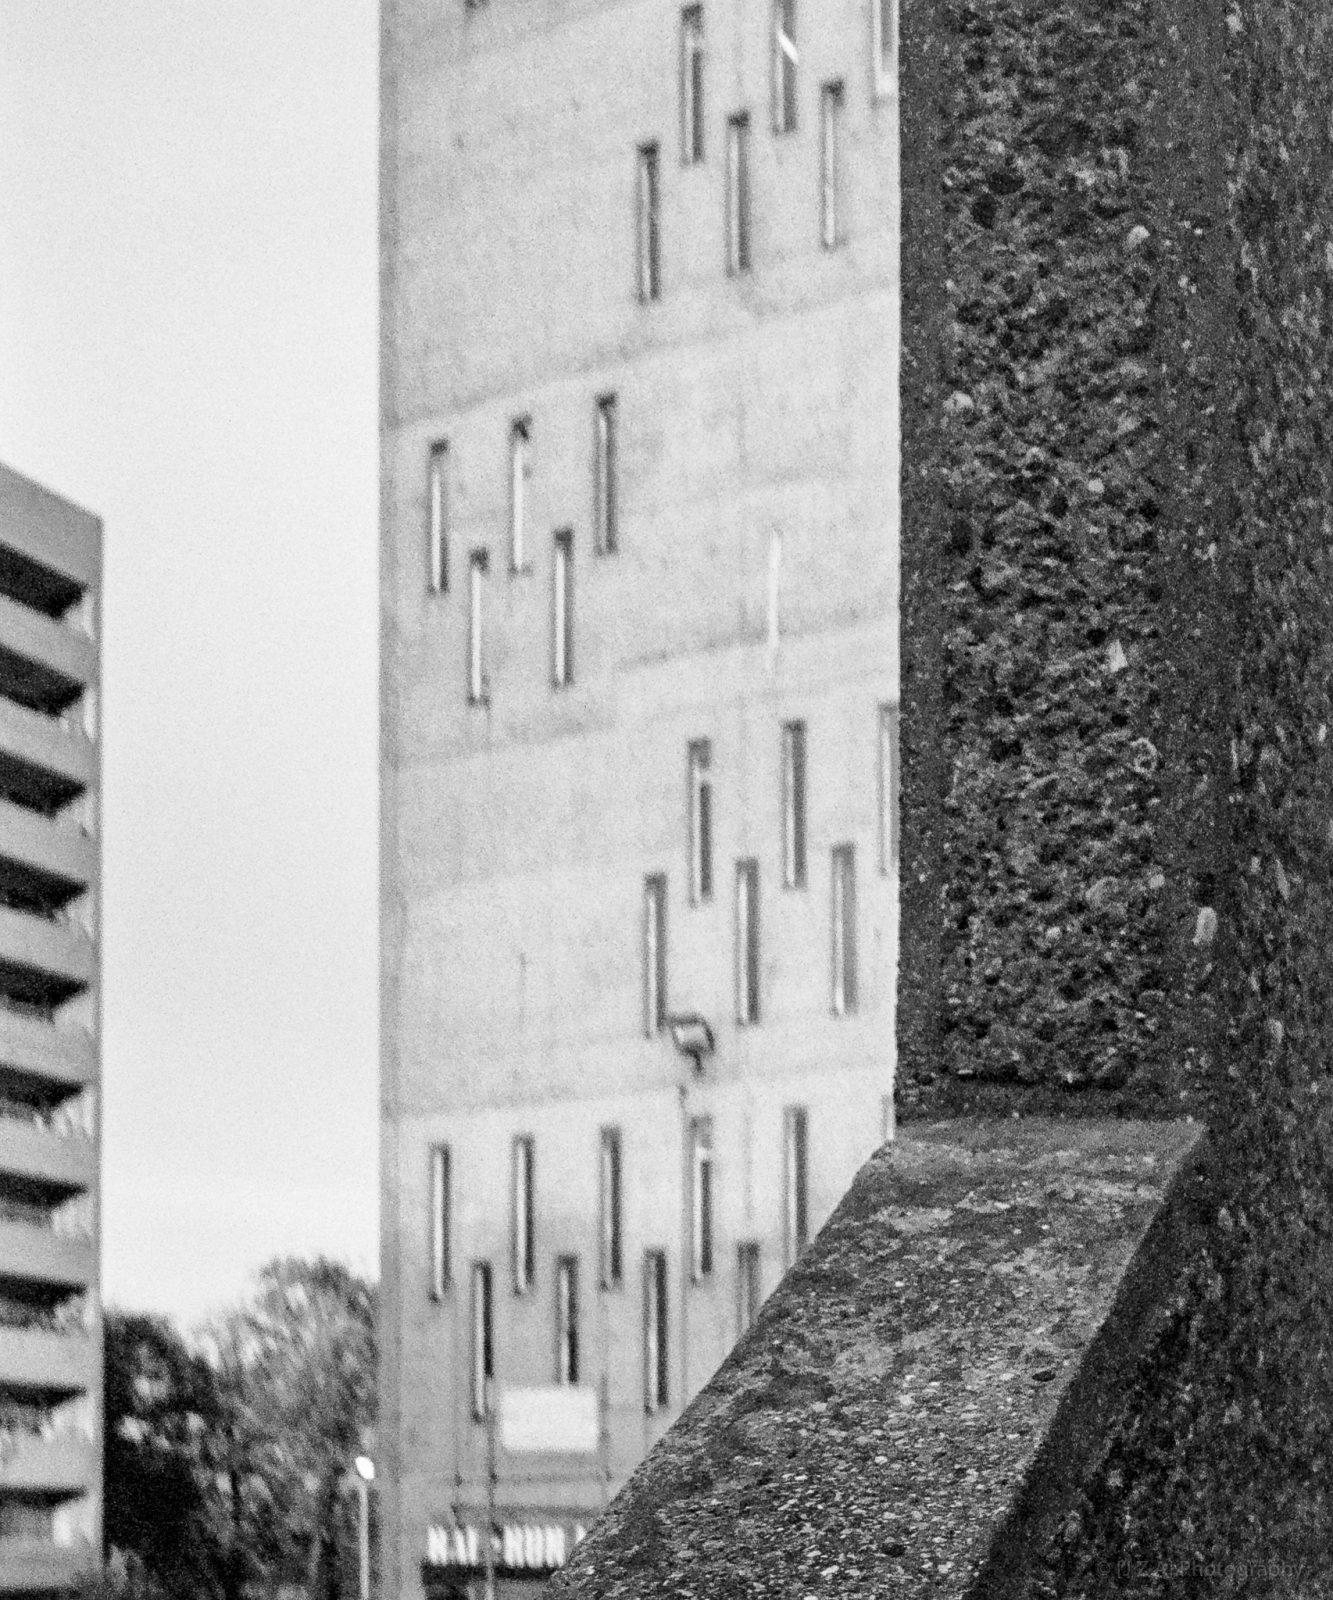 Balfron Tower